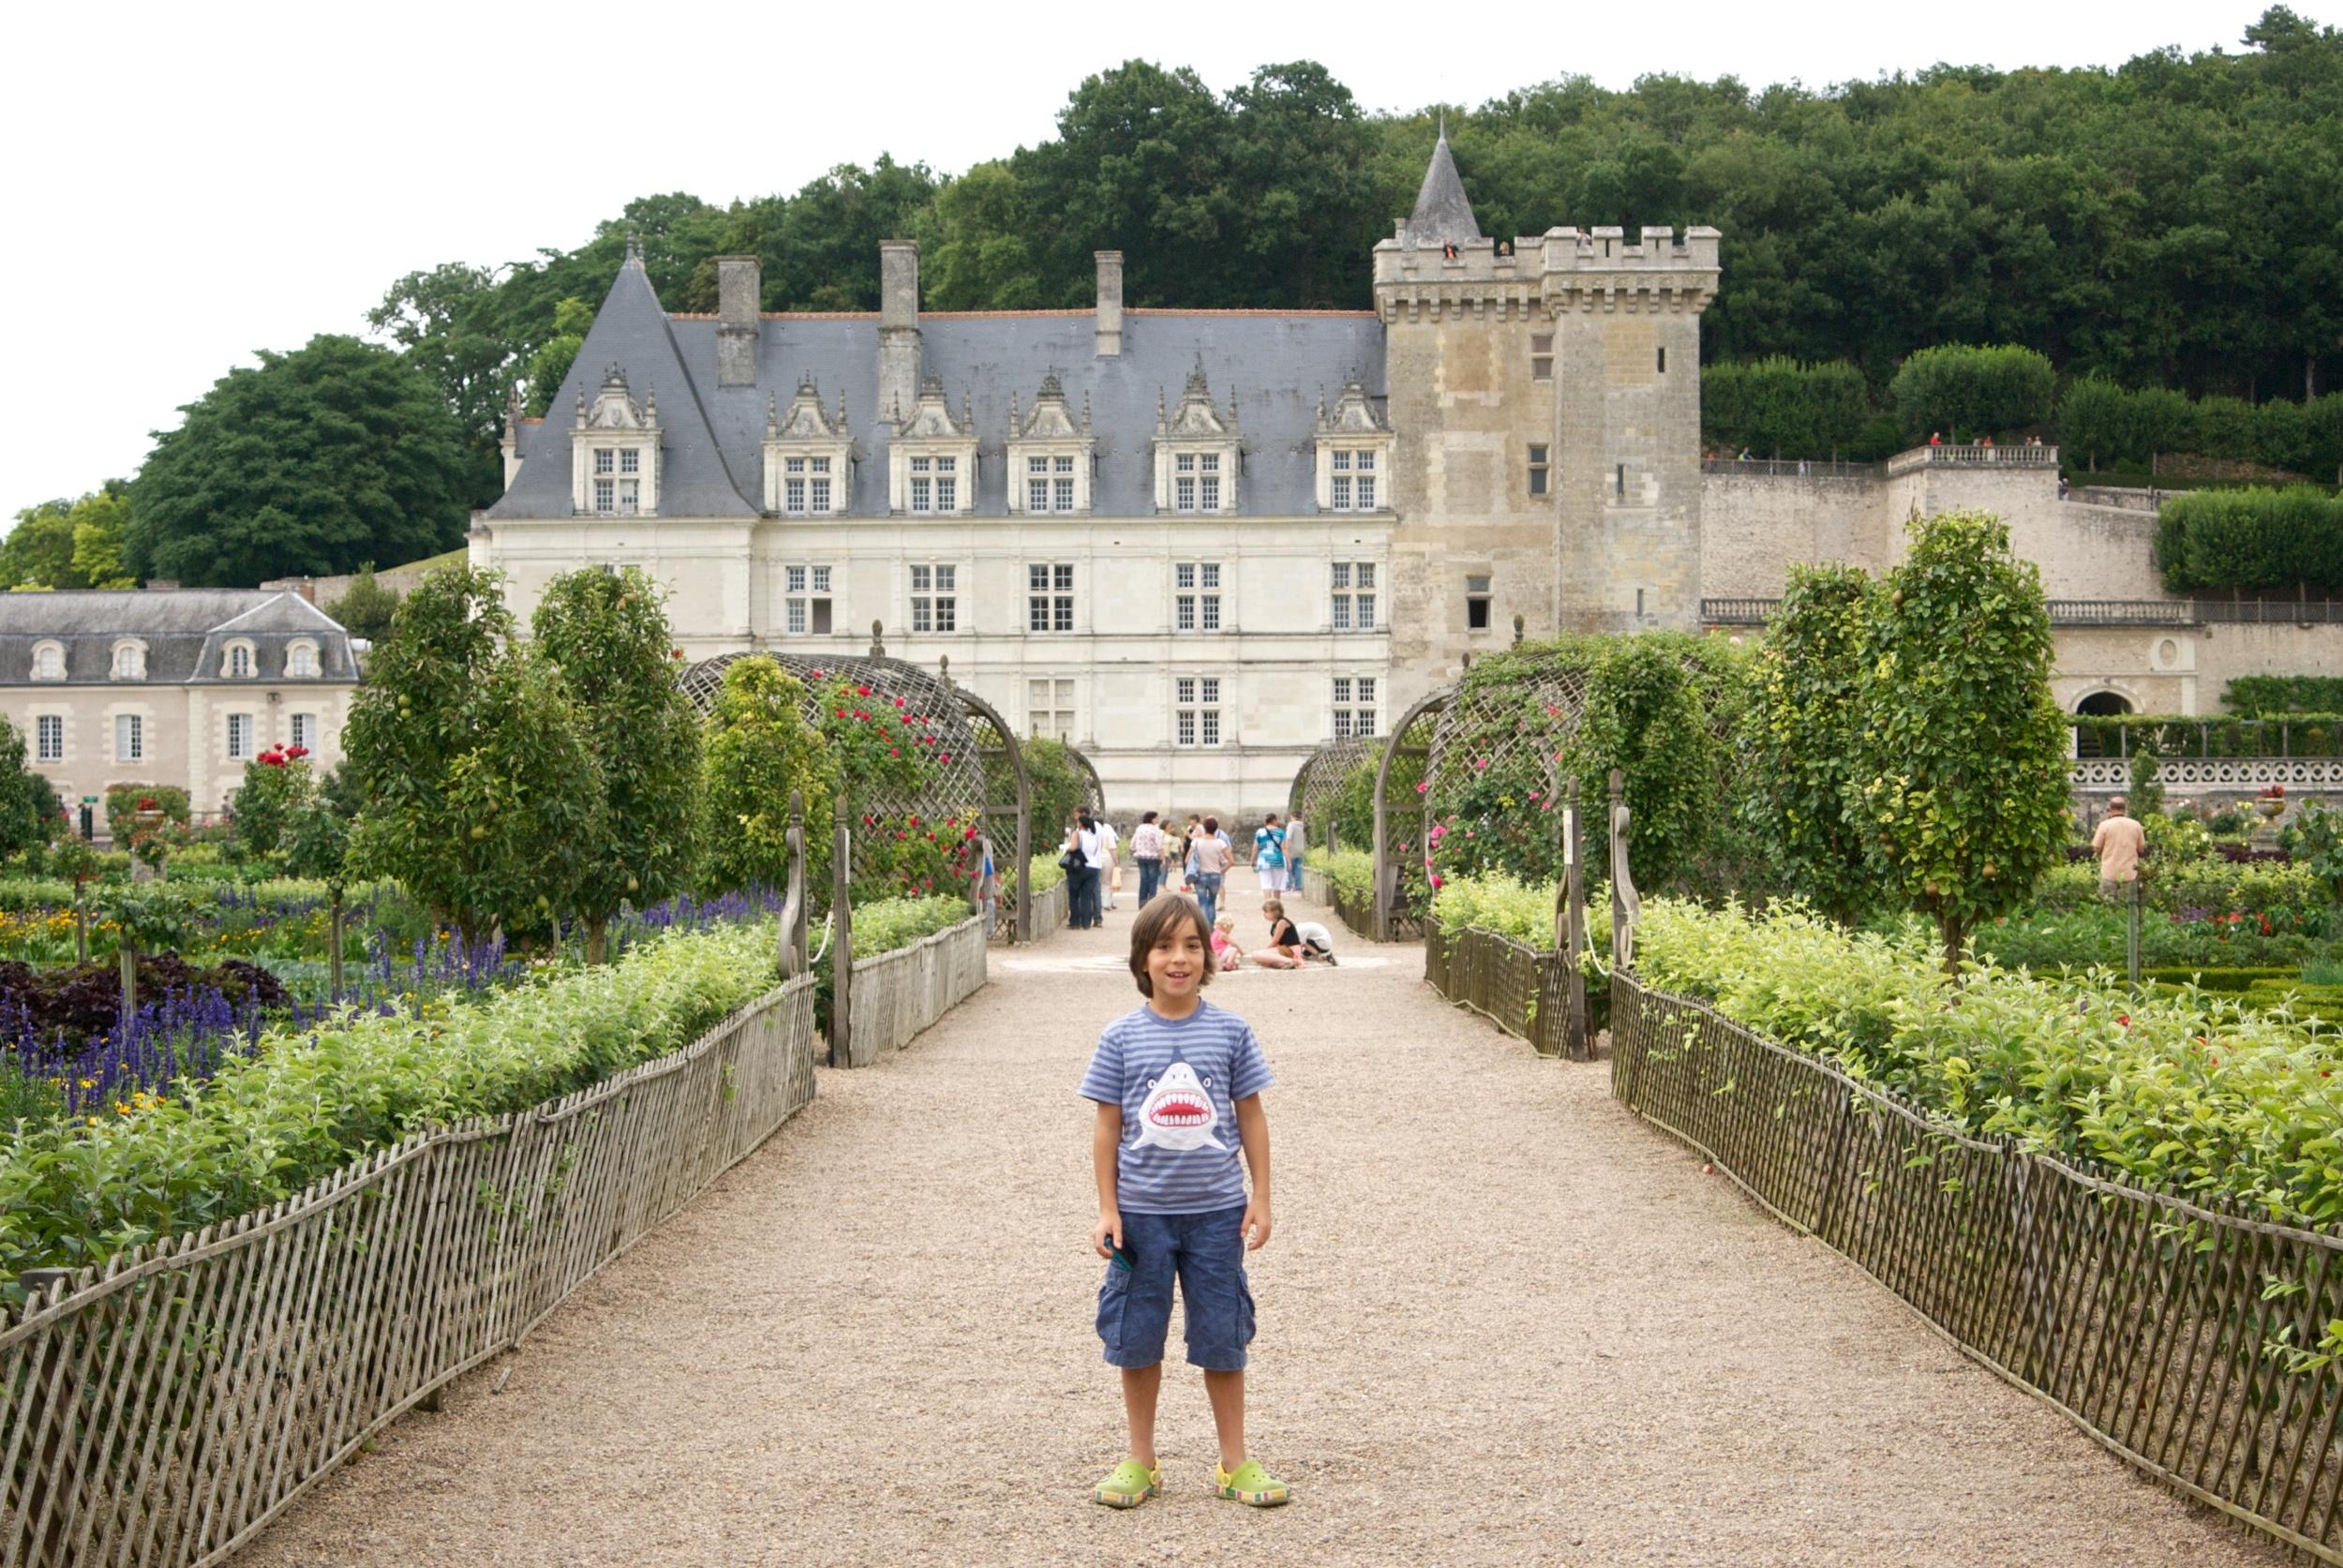 La huerta del Castillo de Villandry